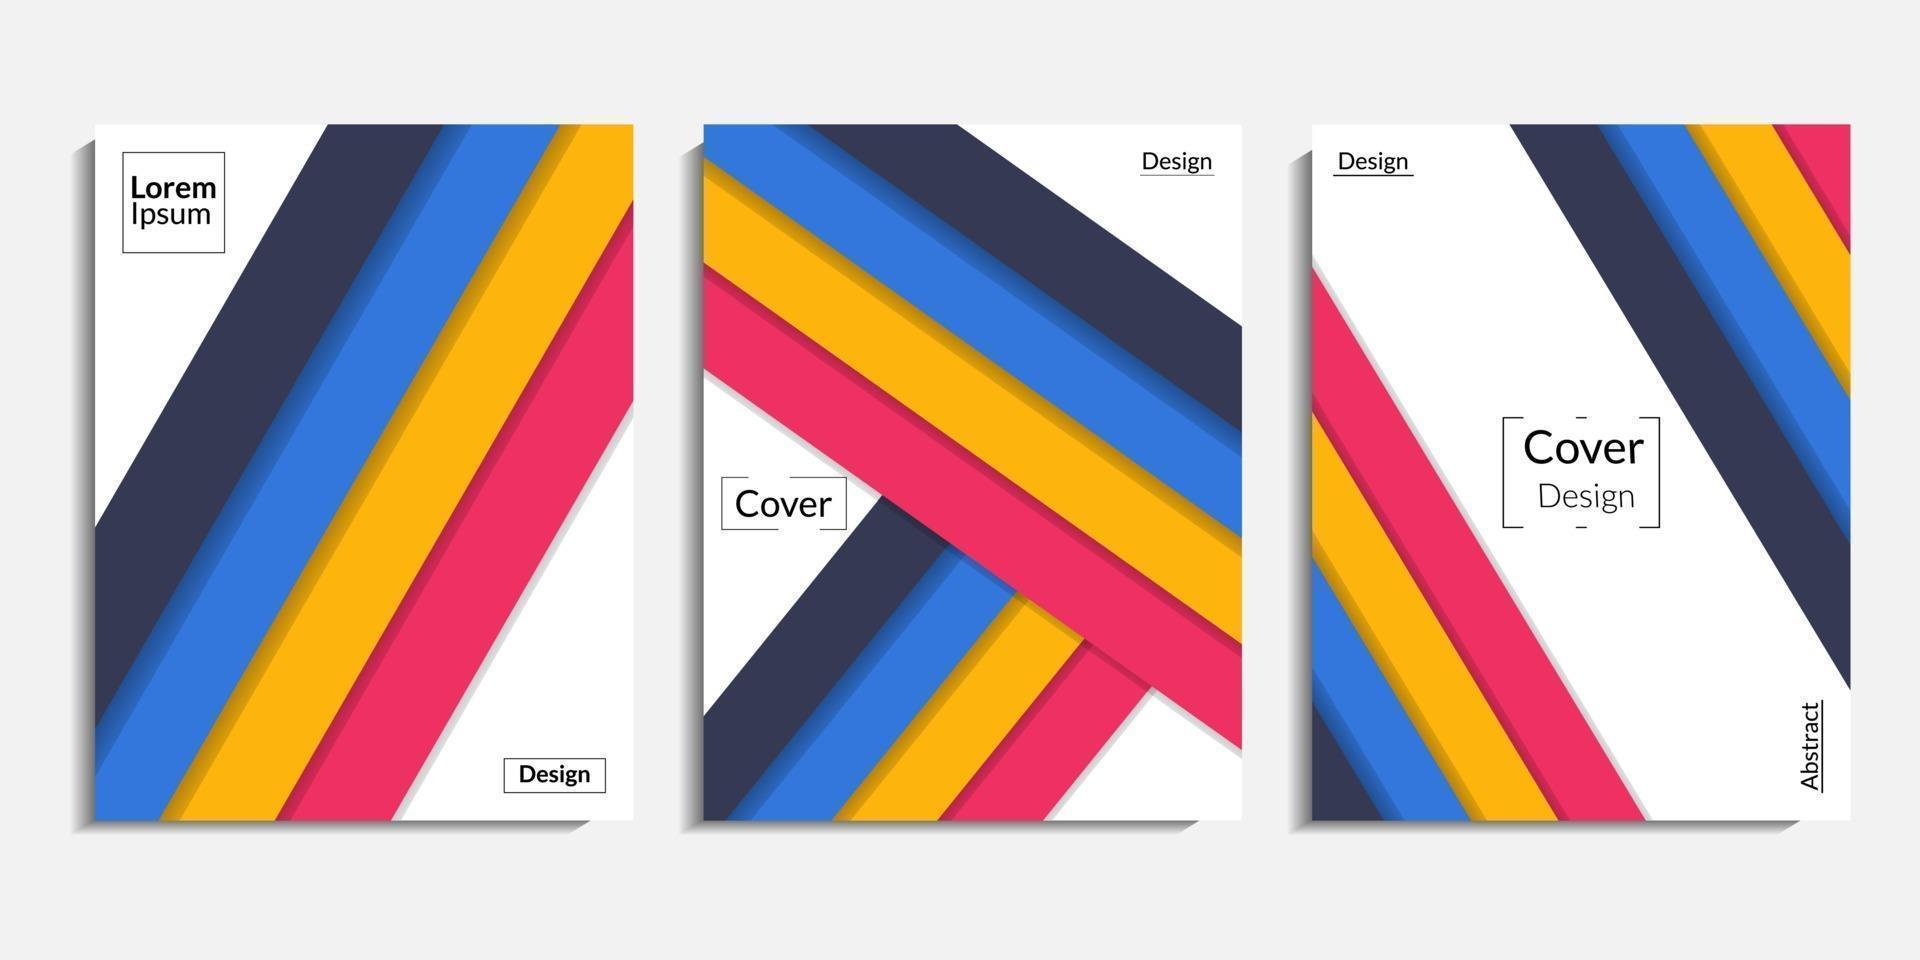 conception de la couverture, fond minimaliste abstrait moderne vecteur